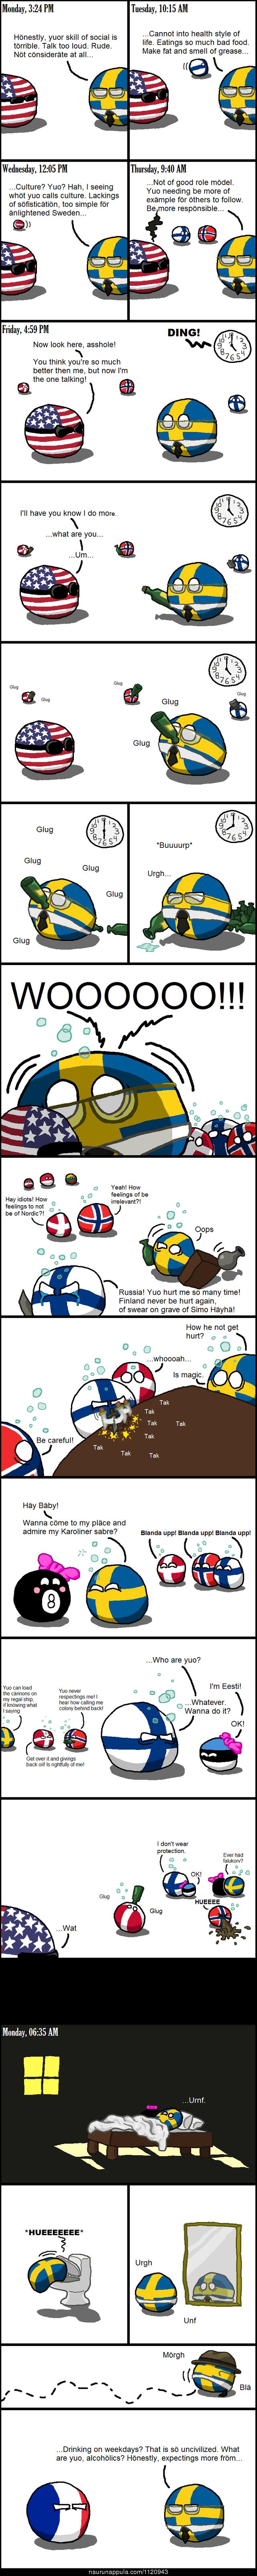 Polandball Comics POLANDS+BALLS.+getting+drunk+is+a+nordic+tradition_c506ad_4898292